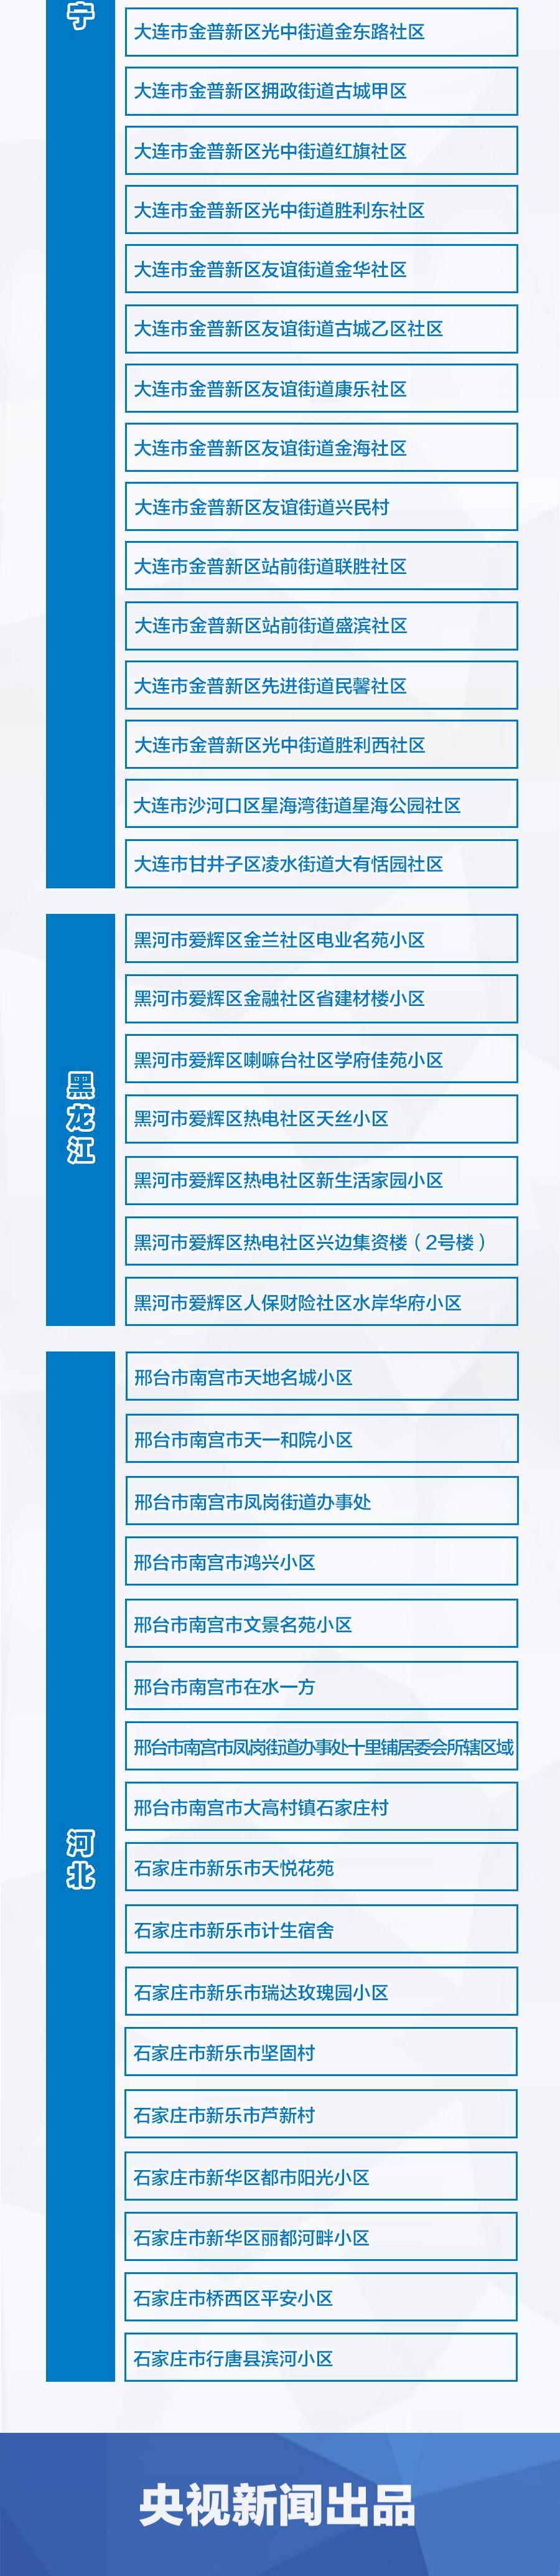 石家庄检出核酸阳性289例!全国疫情风险地区最新汇总